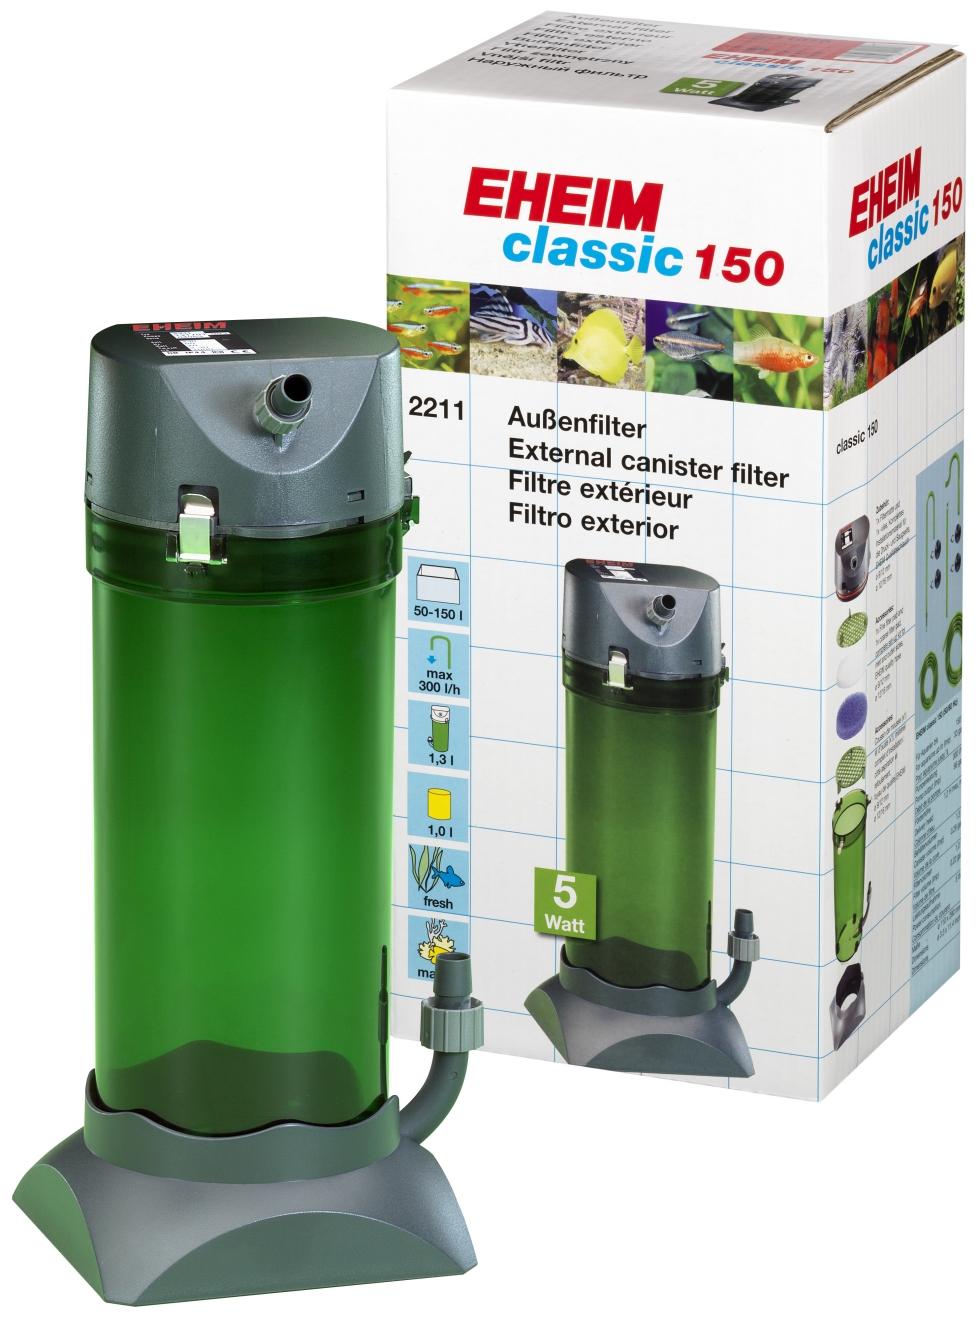 Αποτέλεσμα εικόνας για eheim external filter classic 150